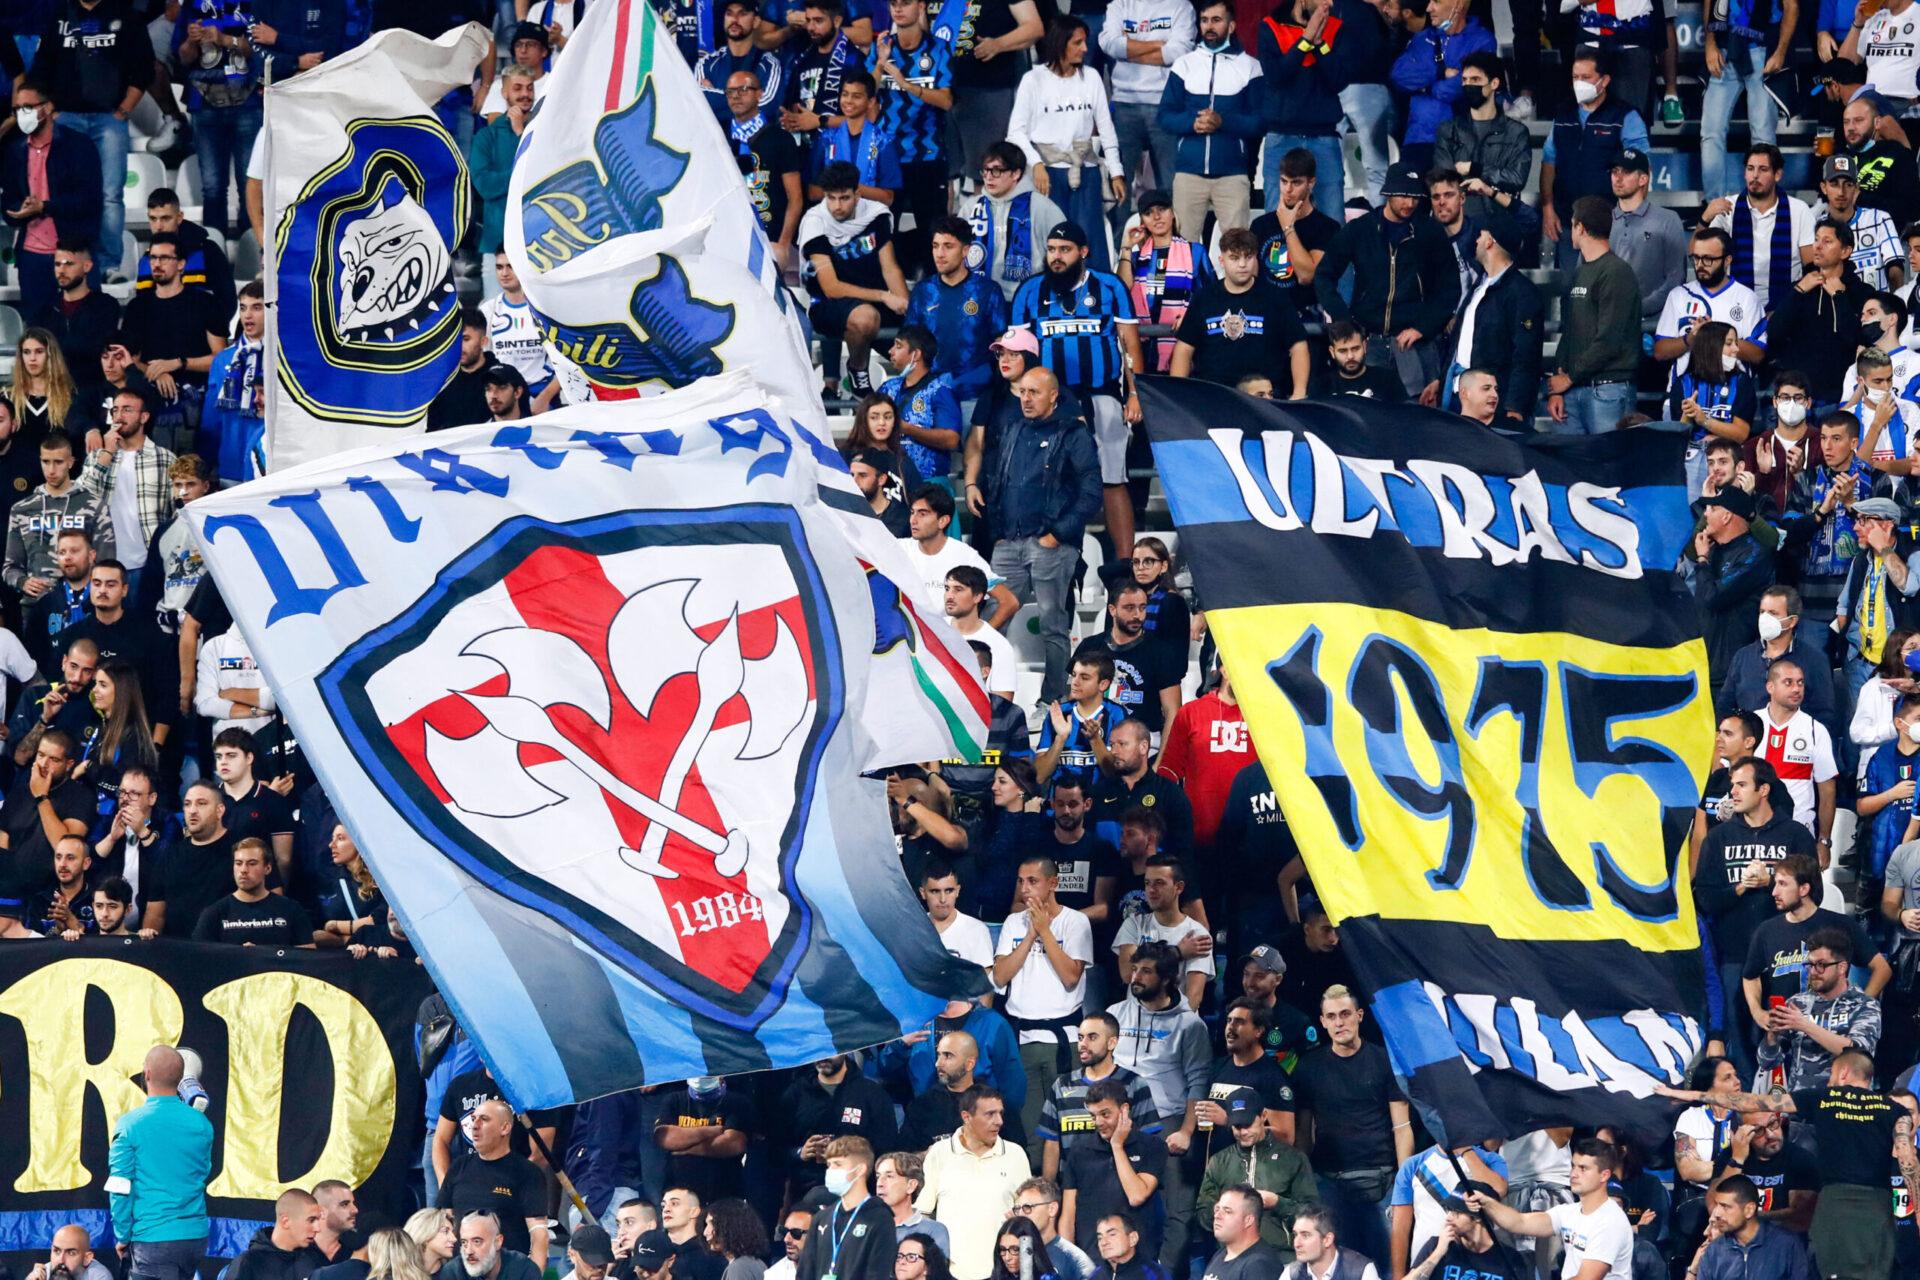 Les fans de l'Inter, lors de la rencontre de Serie A face à Sassuolo. Icon Sport